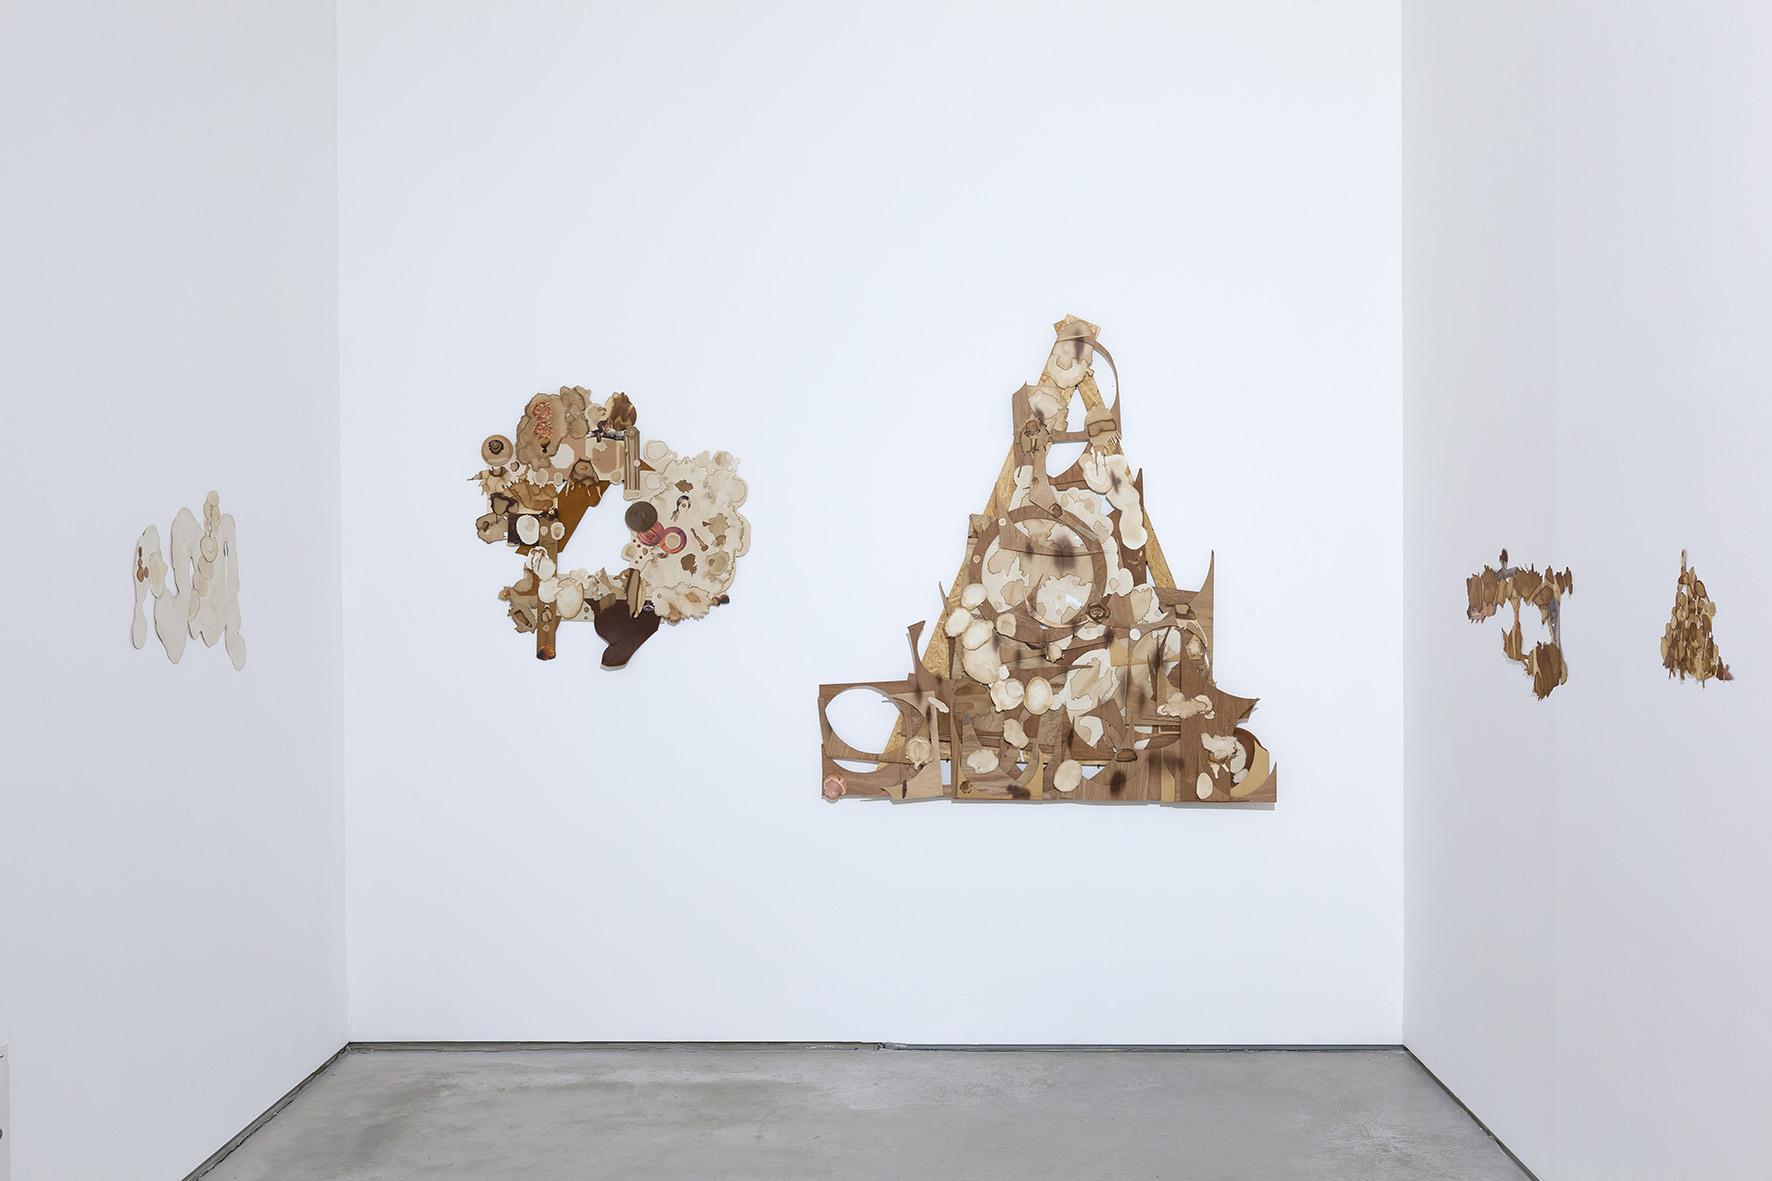 Teppei Kaneuji, Błotnisty strumień zkubka, 2014, 8 kolaży